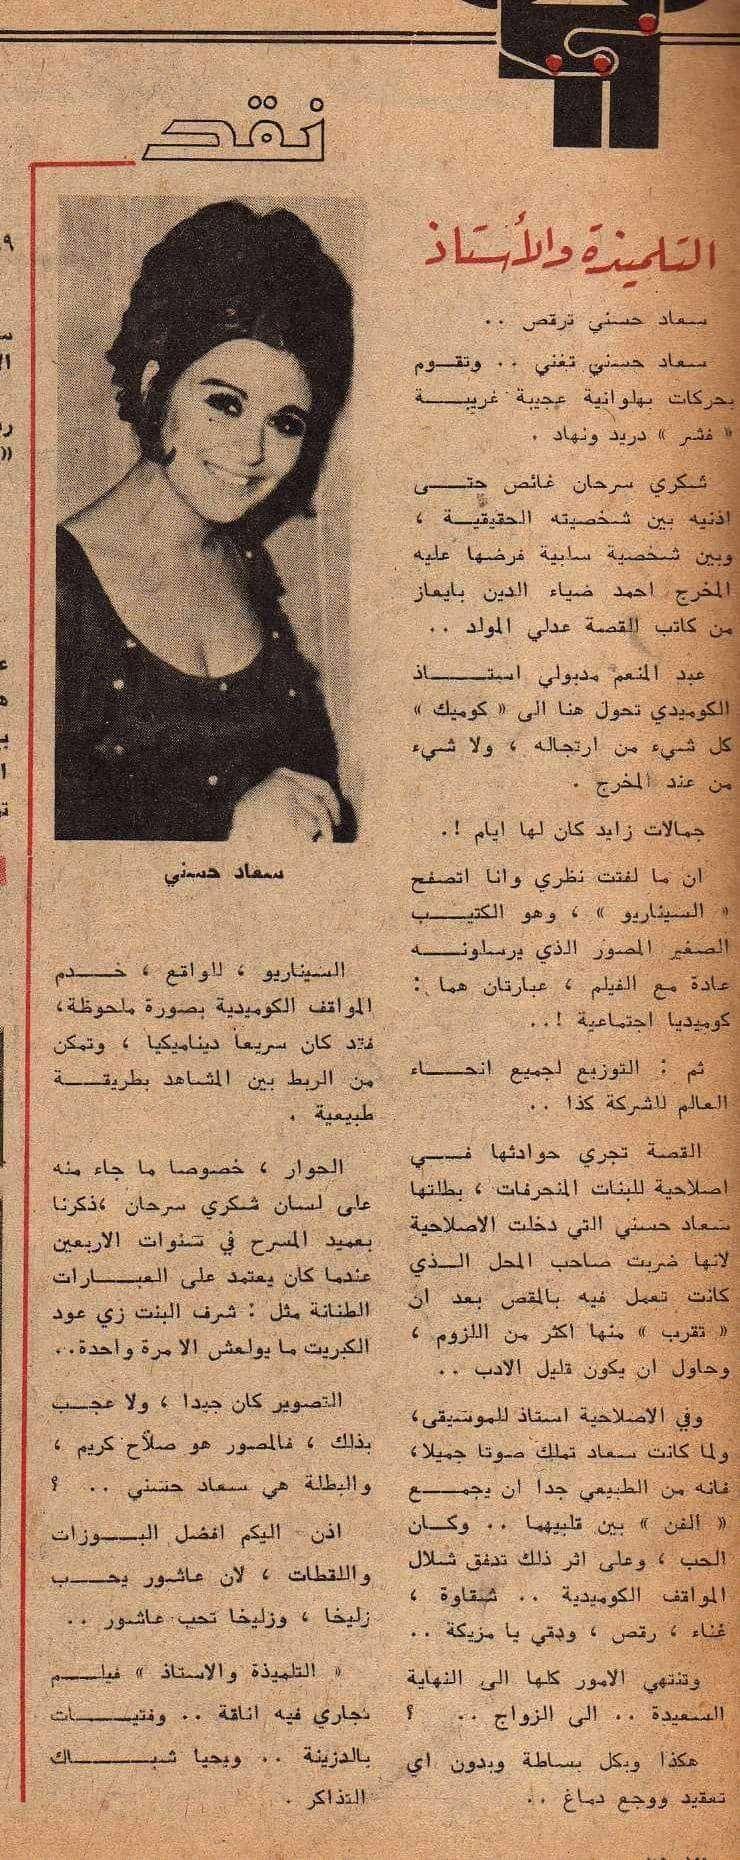 والأستاذ - نقد صحفي : نقد .. التلميذة والأستاذ 1968 م Oi_ooo10